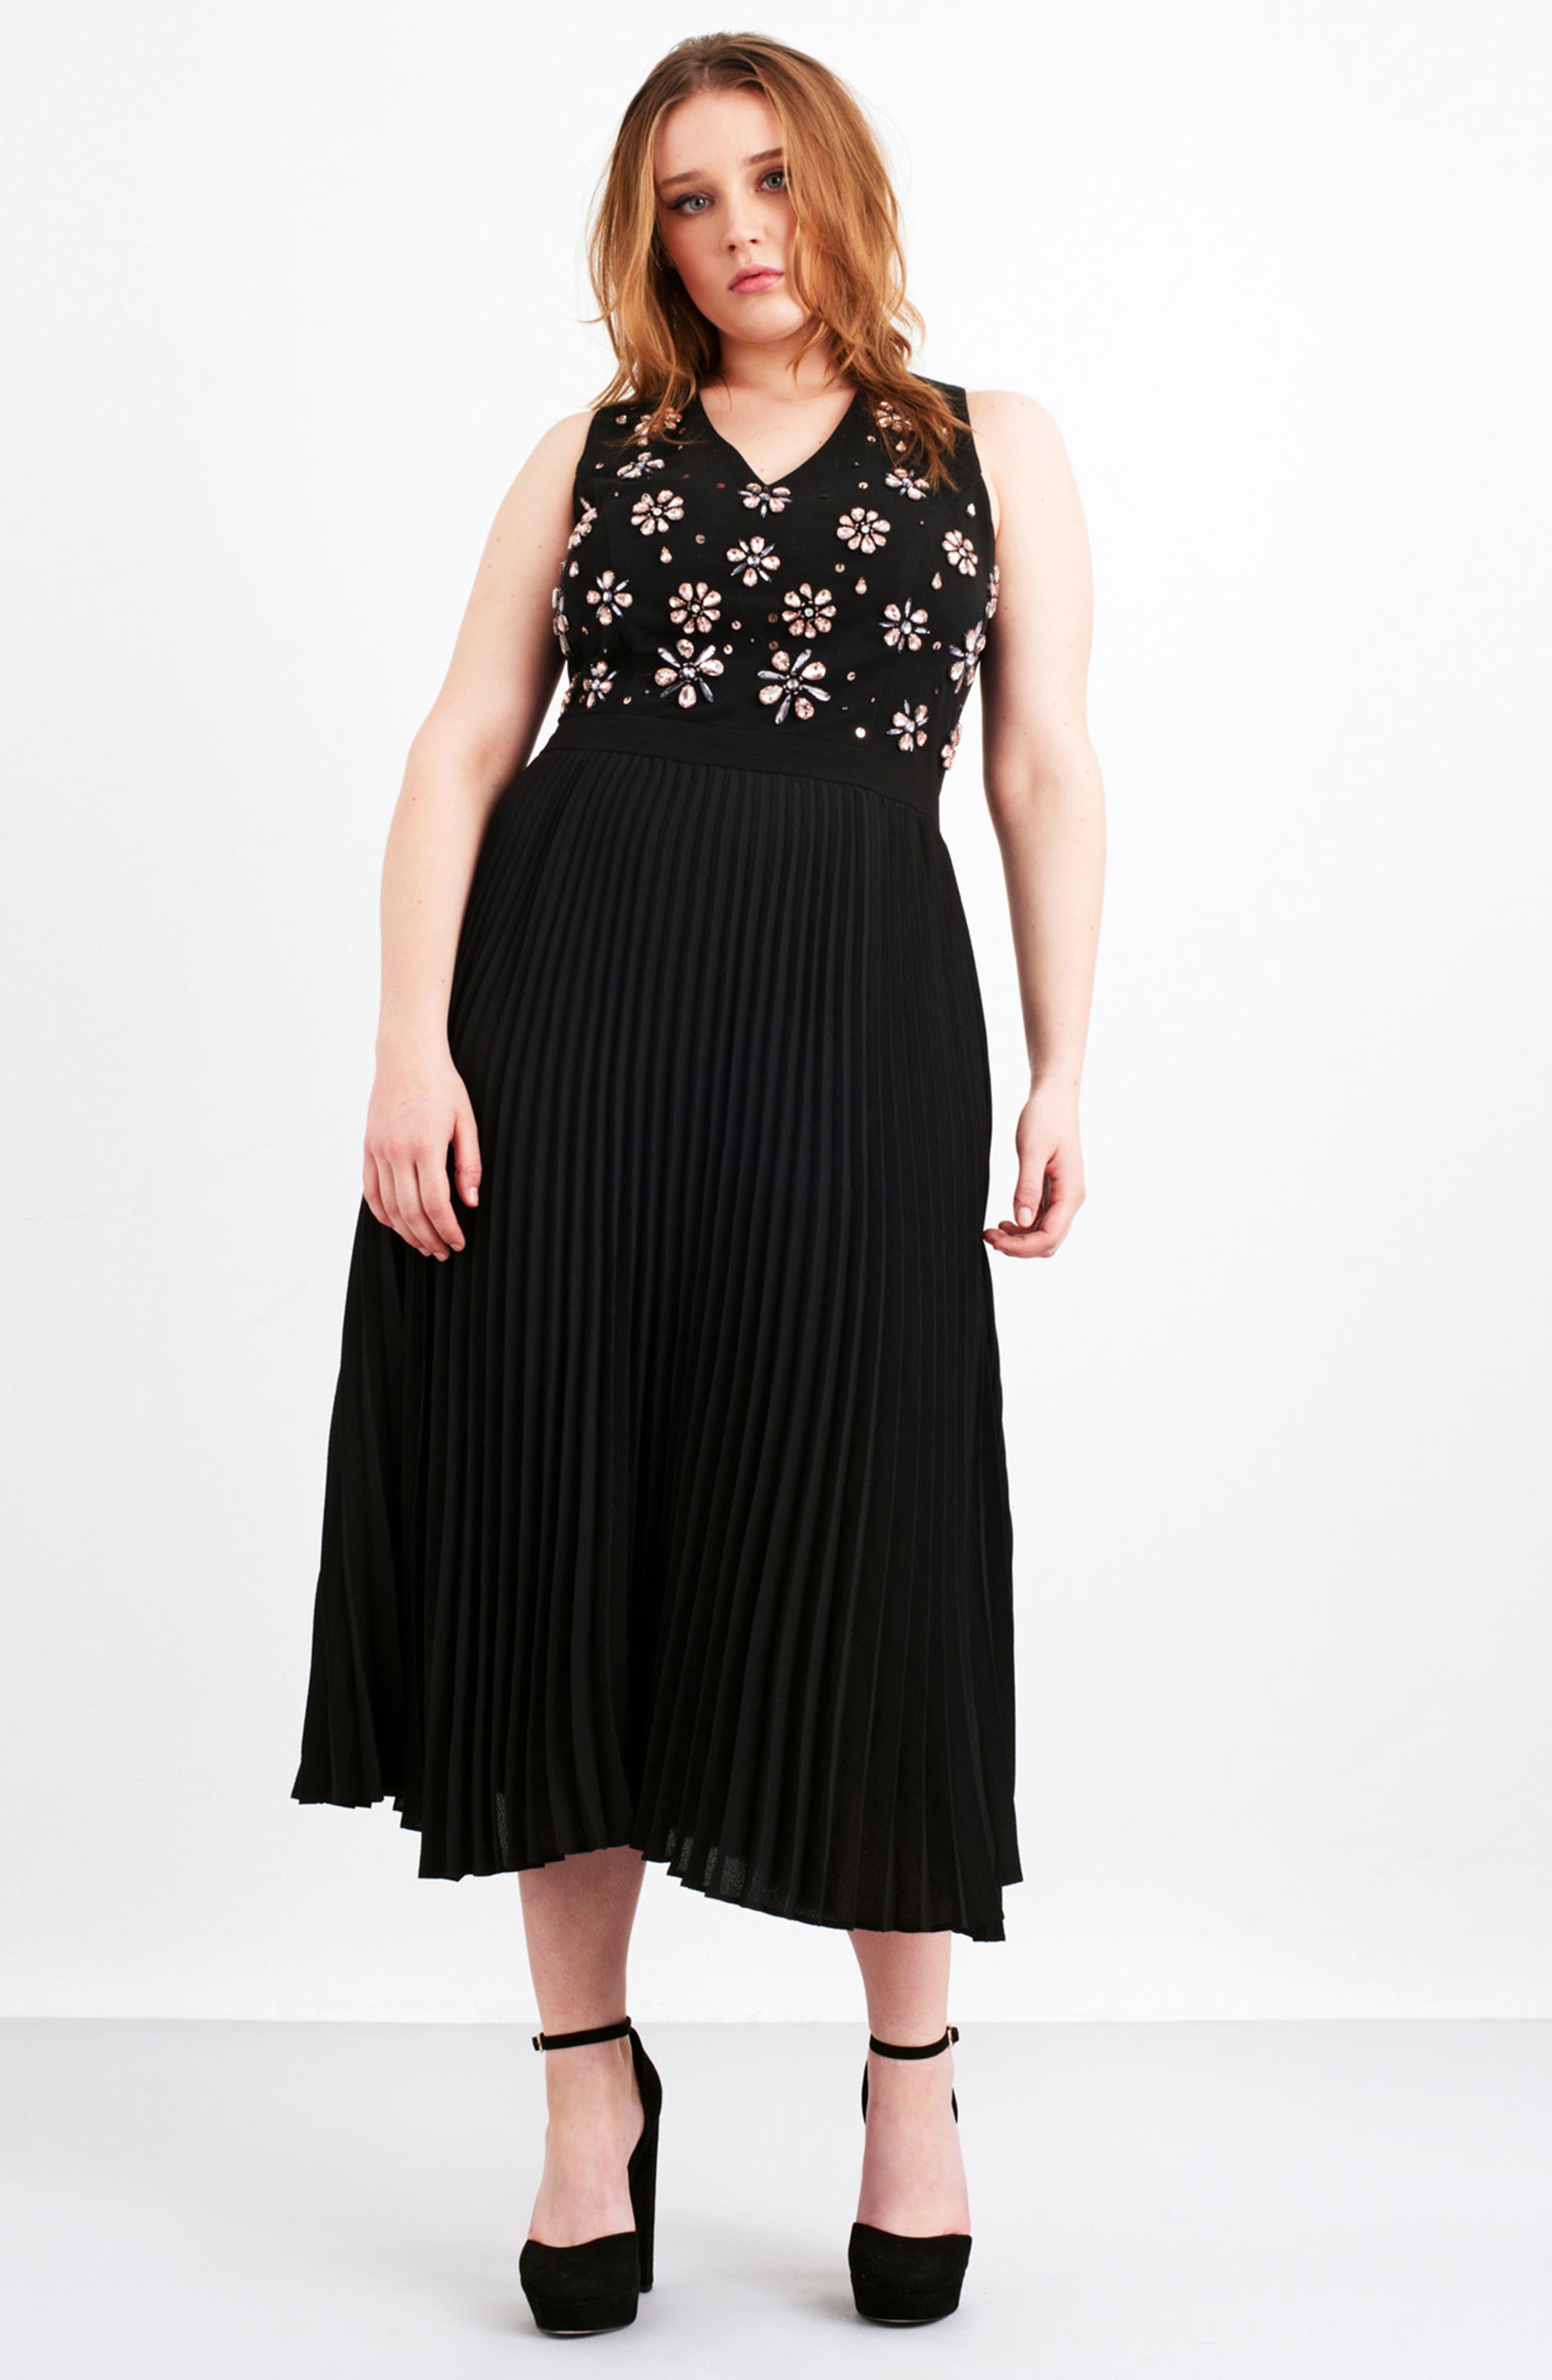 Crystal Flower Embellished Dress,                             Alternate thumbnail 2, color,                             Black